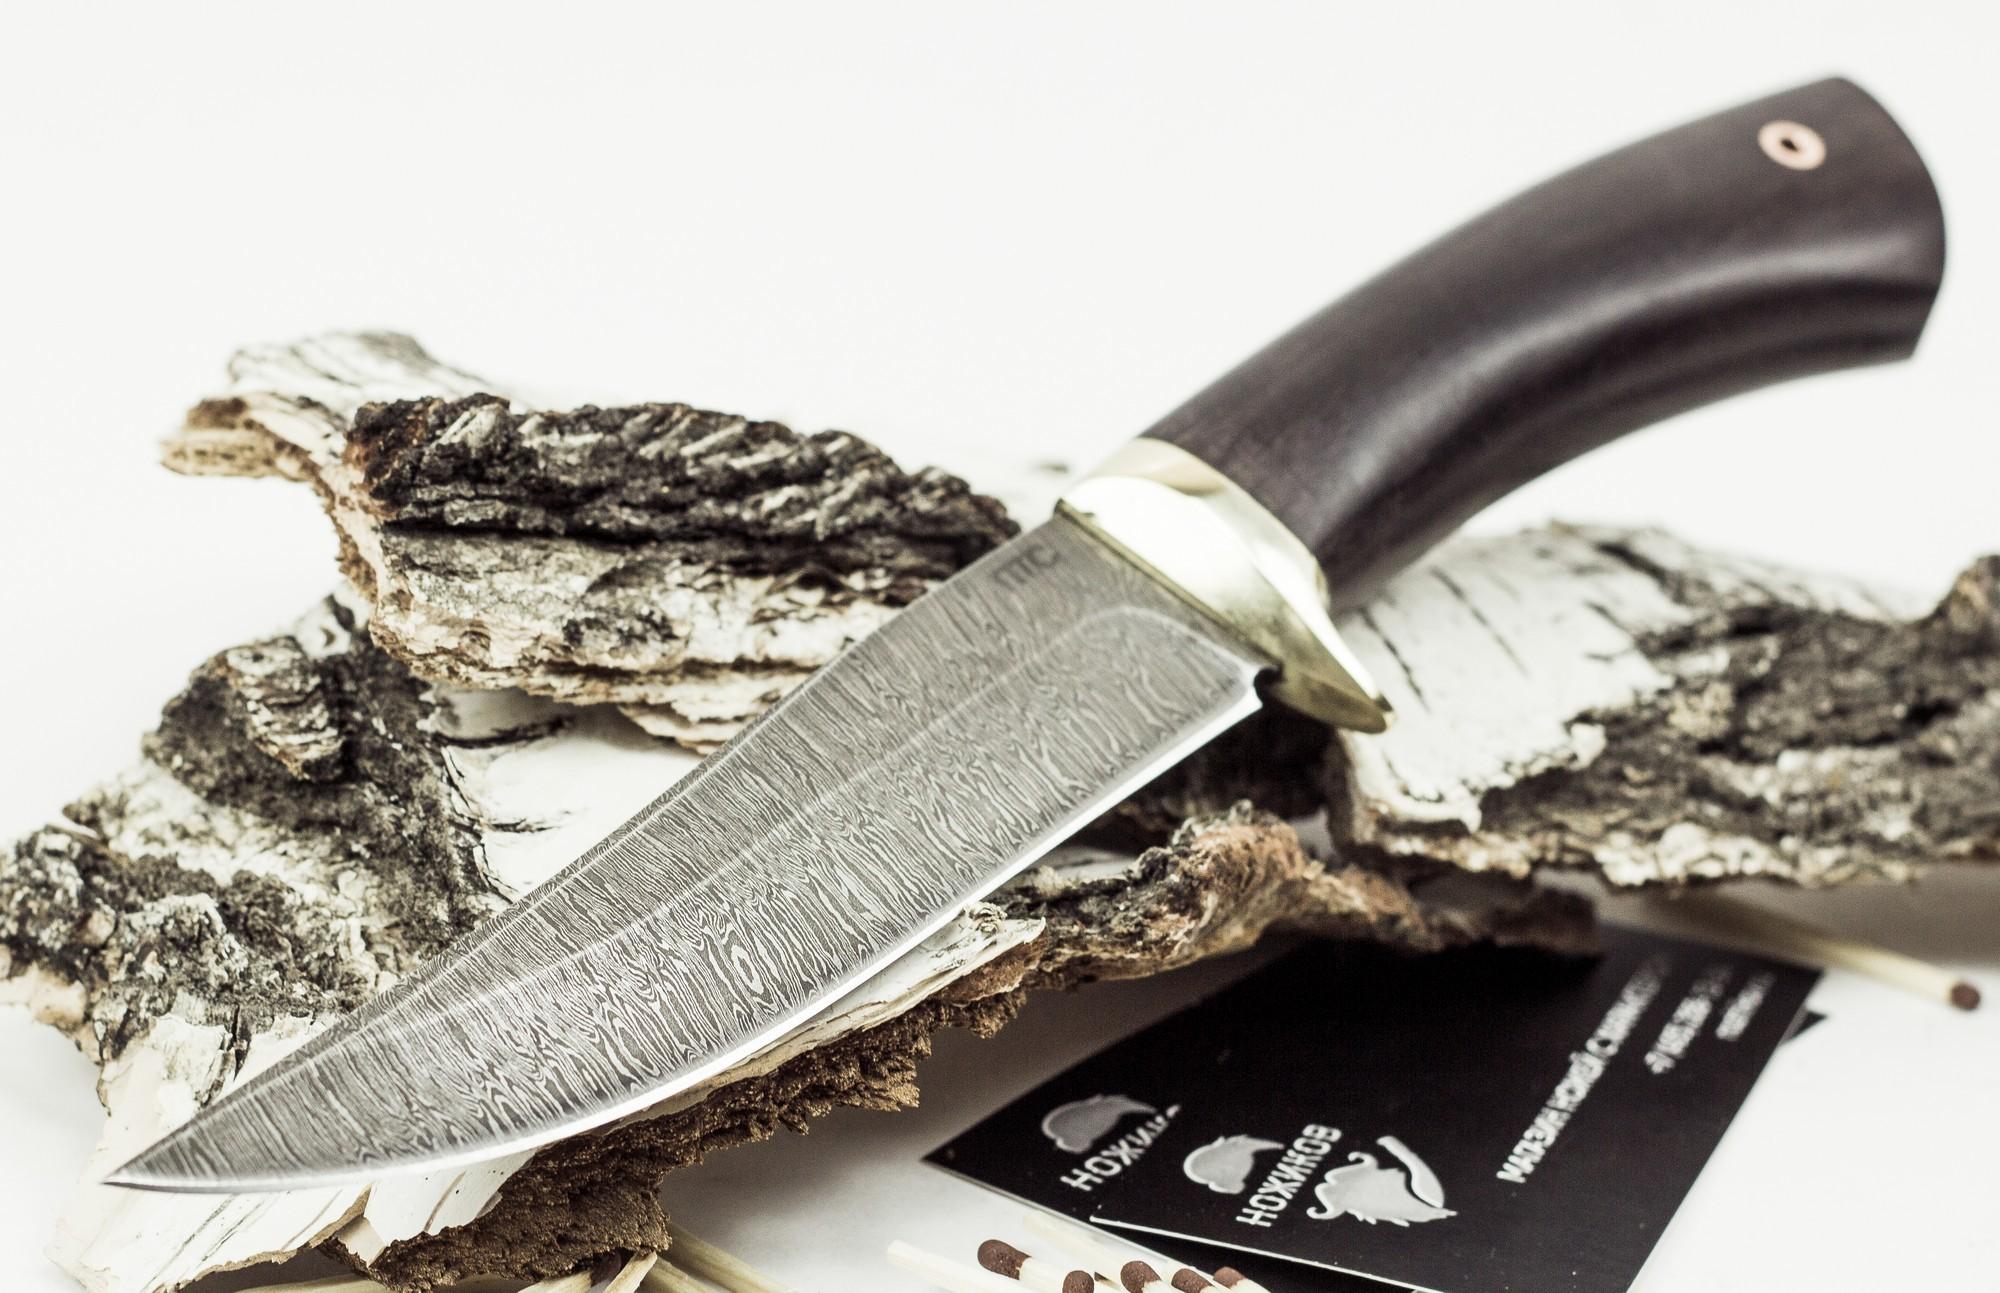 Фото 2 - Нож Лис-2, дамасская сталь от Промтехснаб